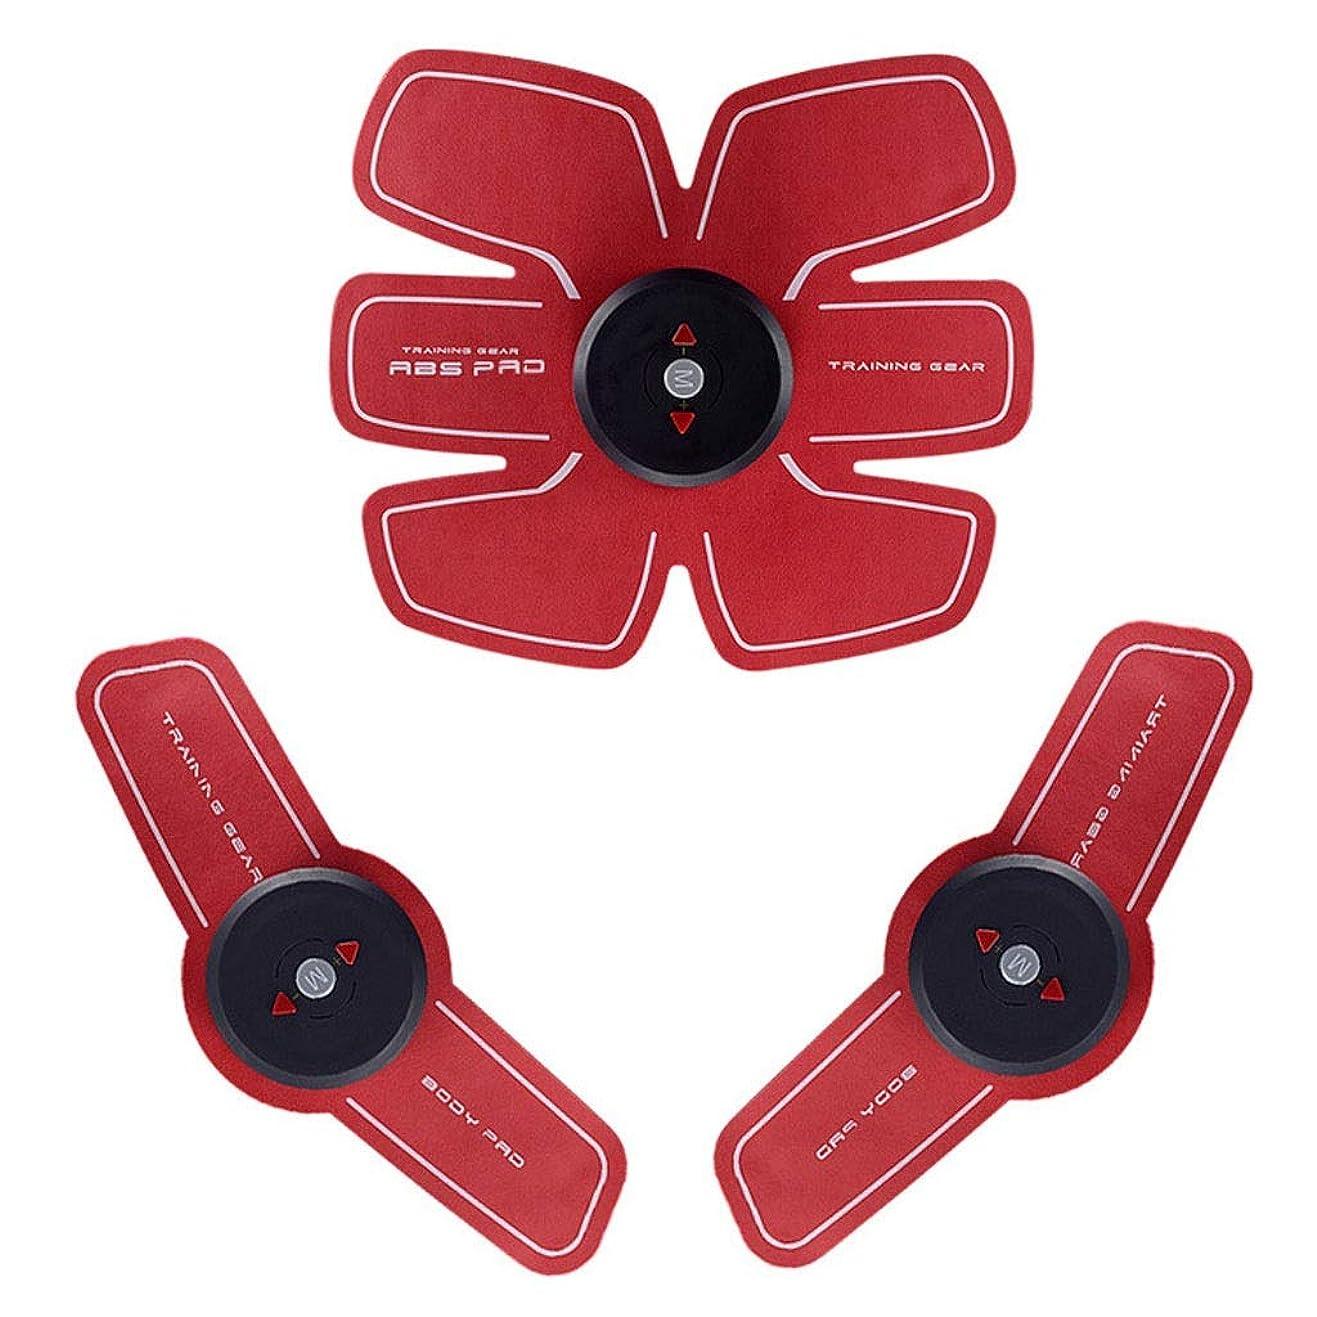 お茶賞石油EMS ABSトレーナー、腹部調色ベルト、Abベルト/Abトナー、EMSマッスルスティミュレーター、マッスルトナーフィットネストレーニングギア(男性用)女性腹部アームレッグトレーナー (Size : D)